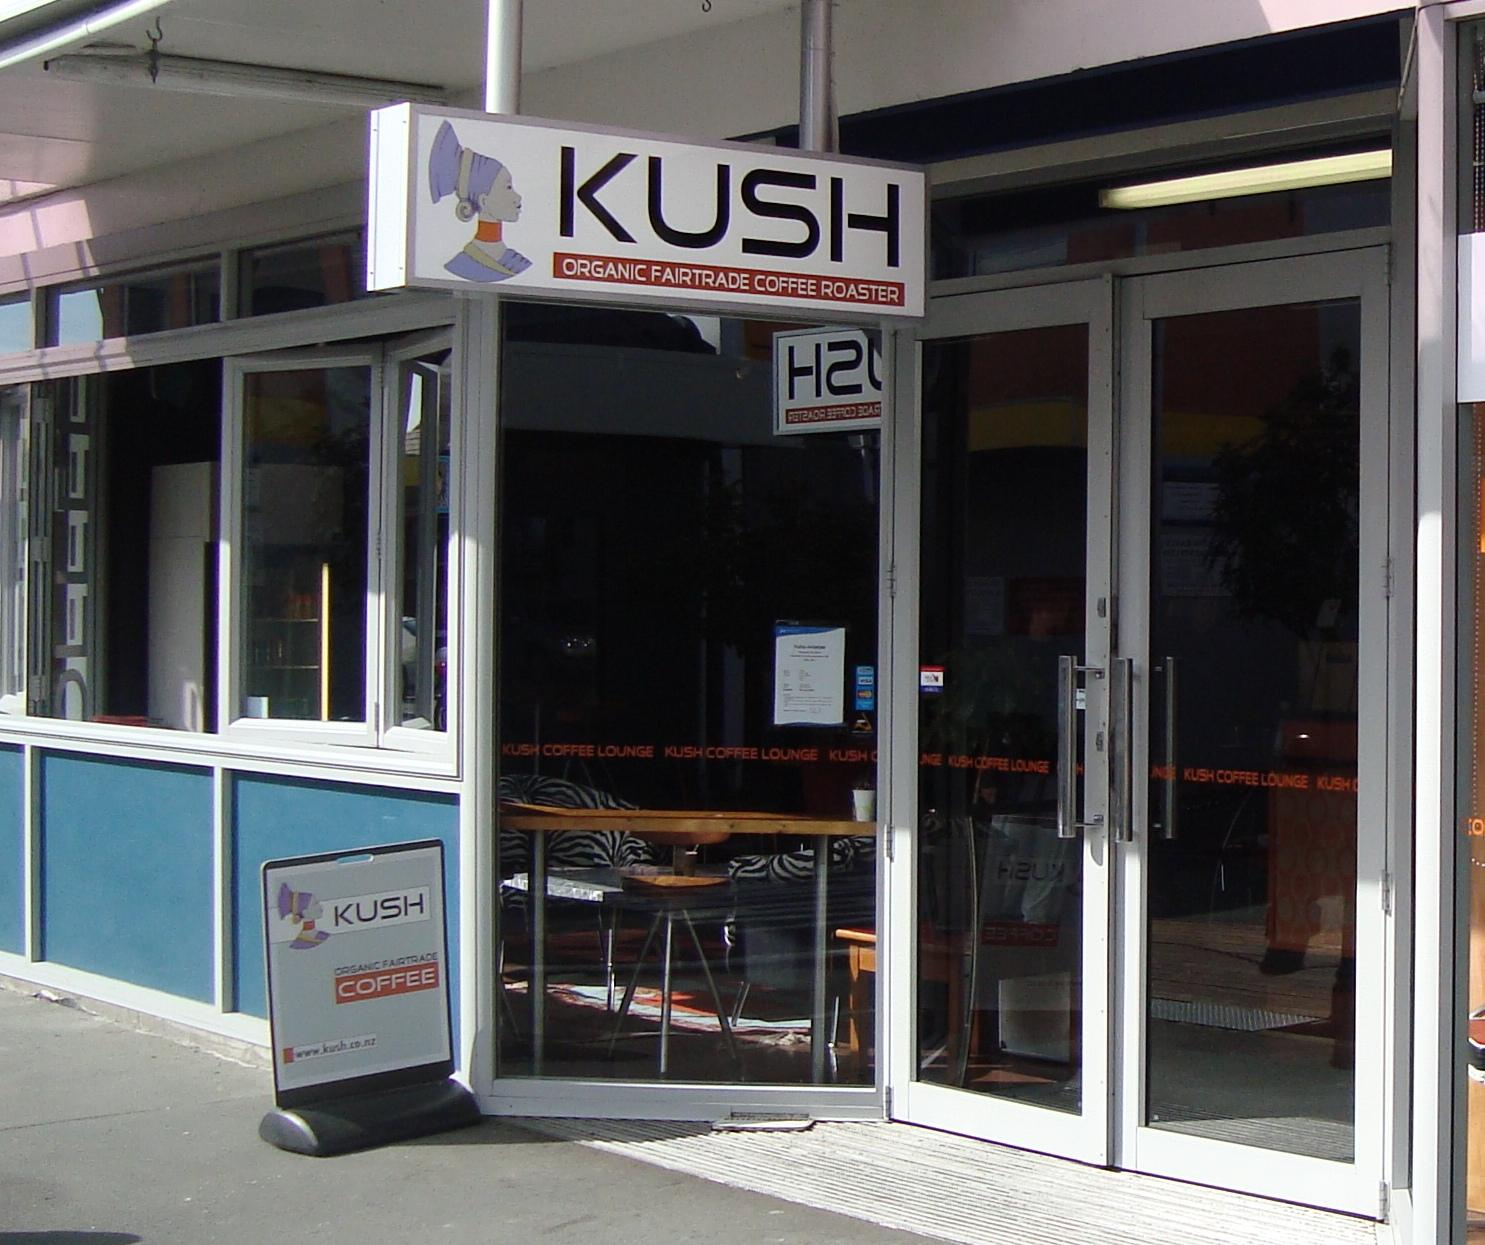 Kush Coffee